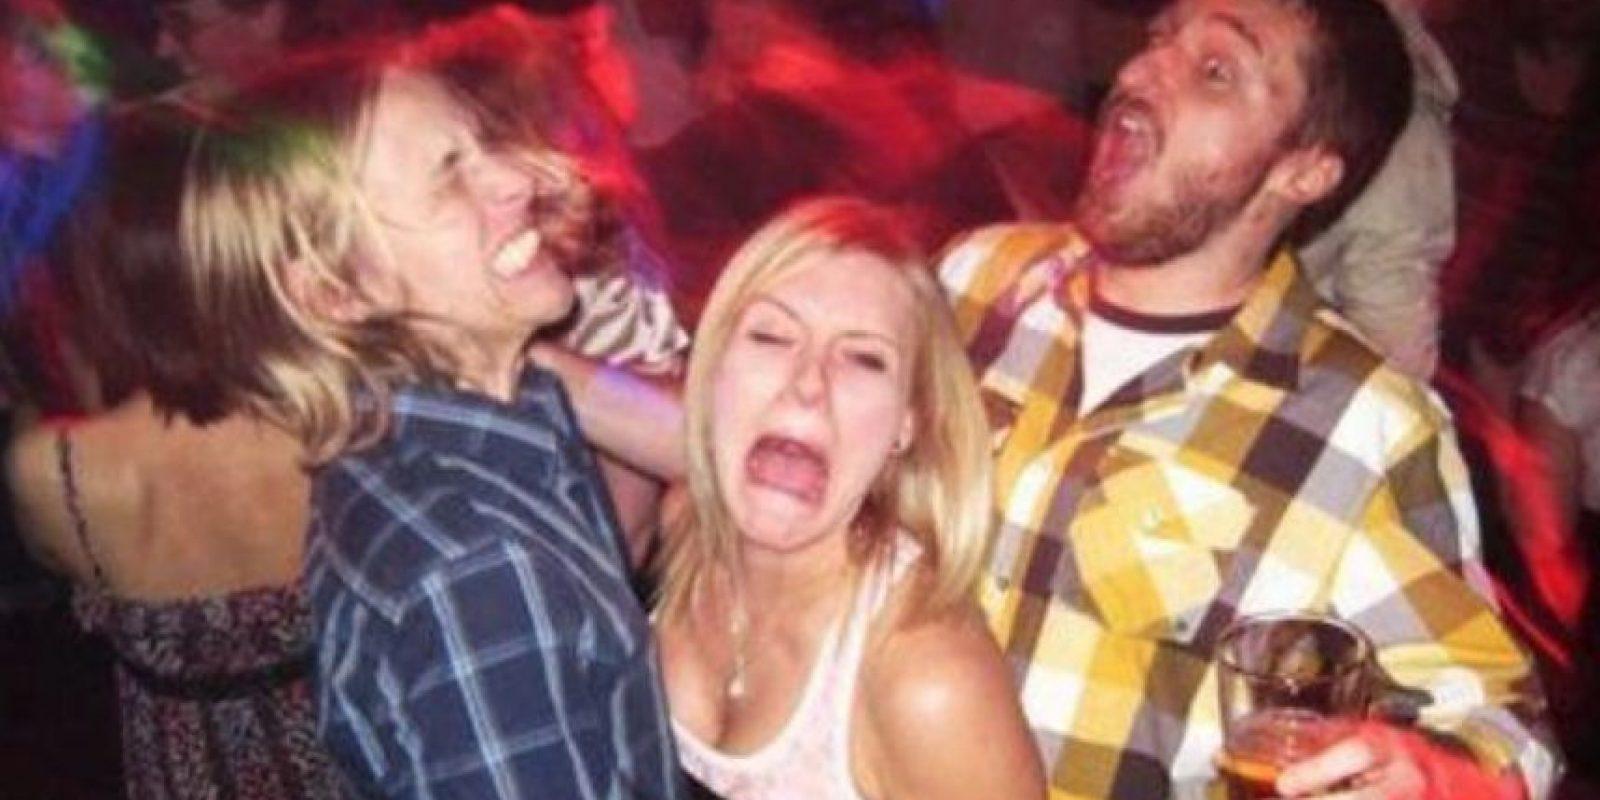 La pobre mujer atrapada entre dos fiesteros Foto:EmbarrassingNightClubPhotos